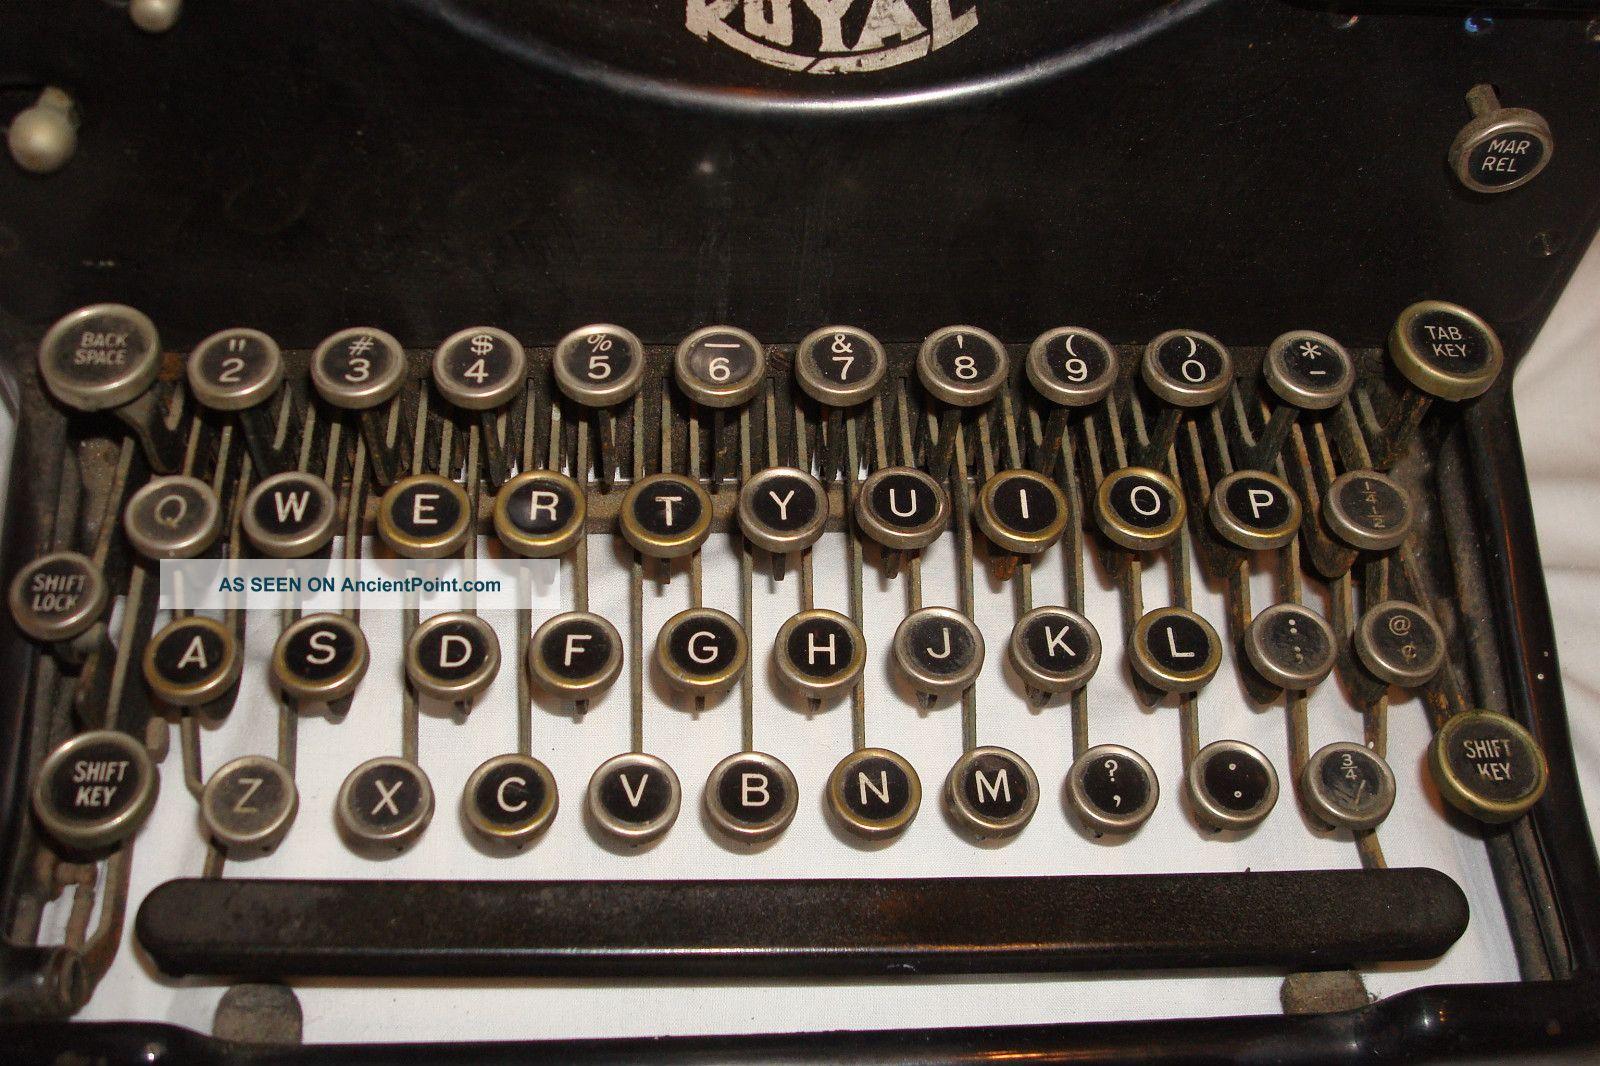 Vintage Typewriter HD desktop wallpaper  Pinterest